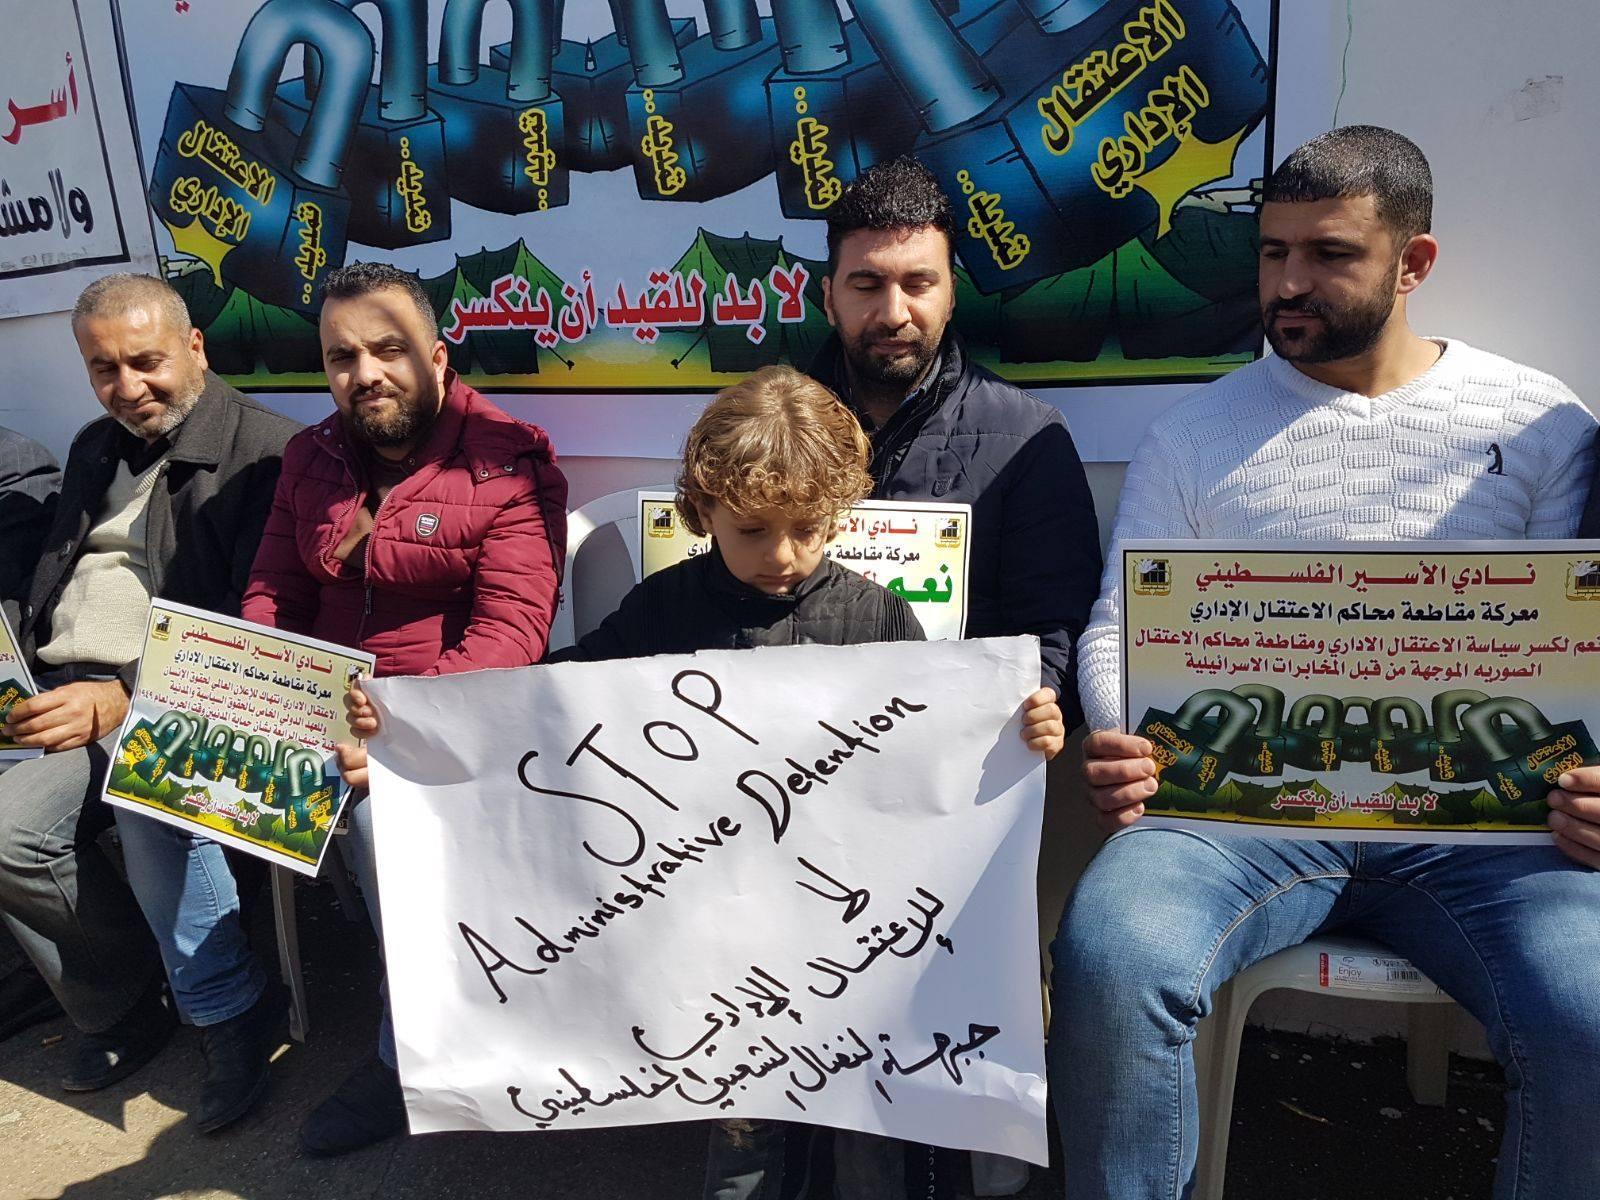 الخليل: وقفة تضامنية لدعم قرار مقاطعة محاكم الاعتقال الإداري